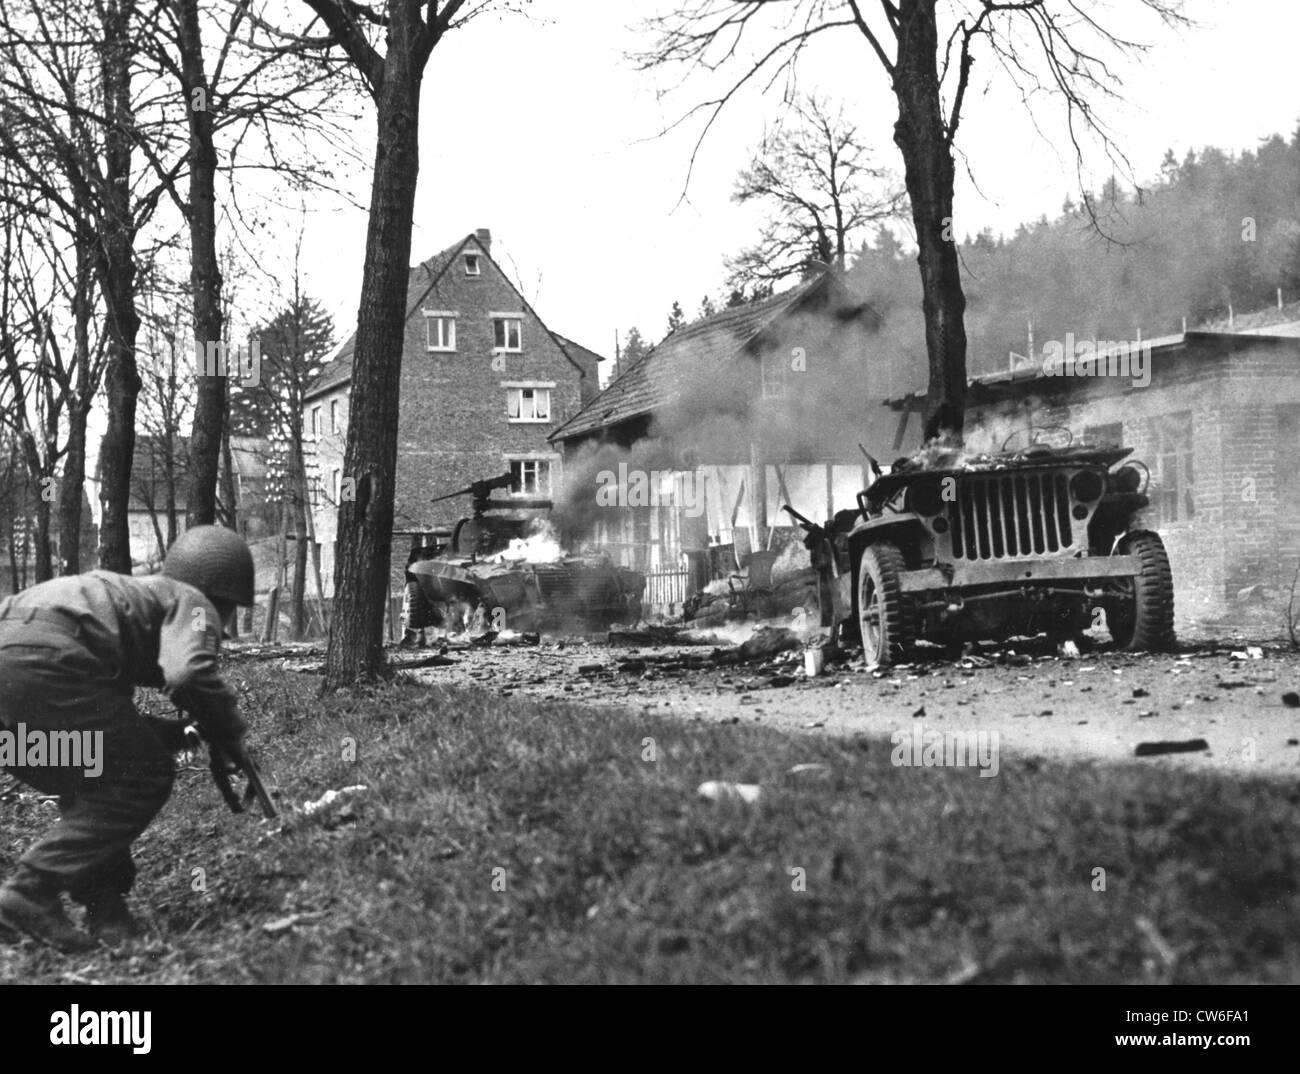 Battle scene in Germany, Spring 1945 - Stock Image